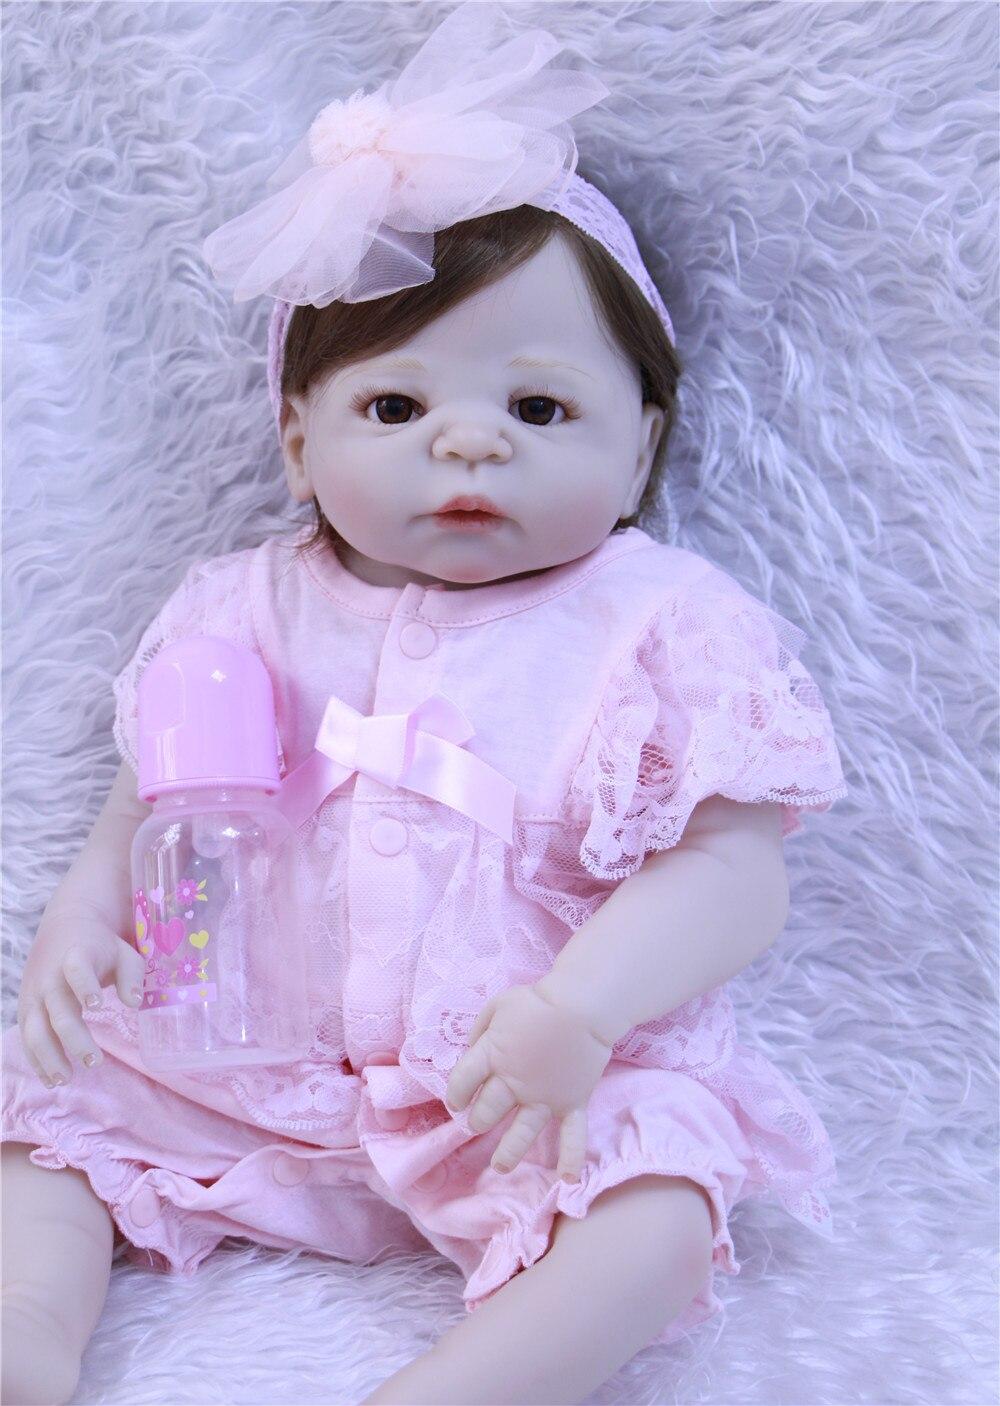 DollMai 23 bebe bambola menina victoria vestito pieno del corpo del silicone bambole reborn per i bambini regalo FAI DA TE bambola BJD falso del bambino silicone bonecaDollMai 23 bebe bambola menina victoria vestito pieno del corpo del silicone bambole reborn per i bambini regalo FAI DA TE bambola BJD falso del bambino silicone boneca